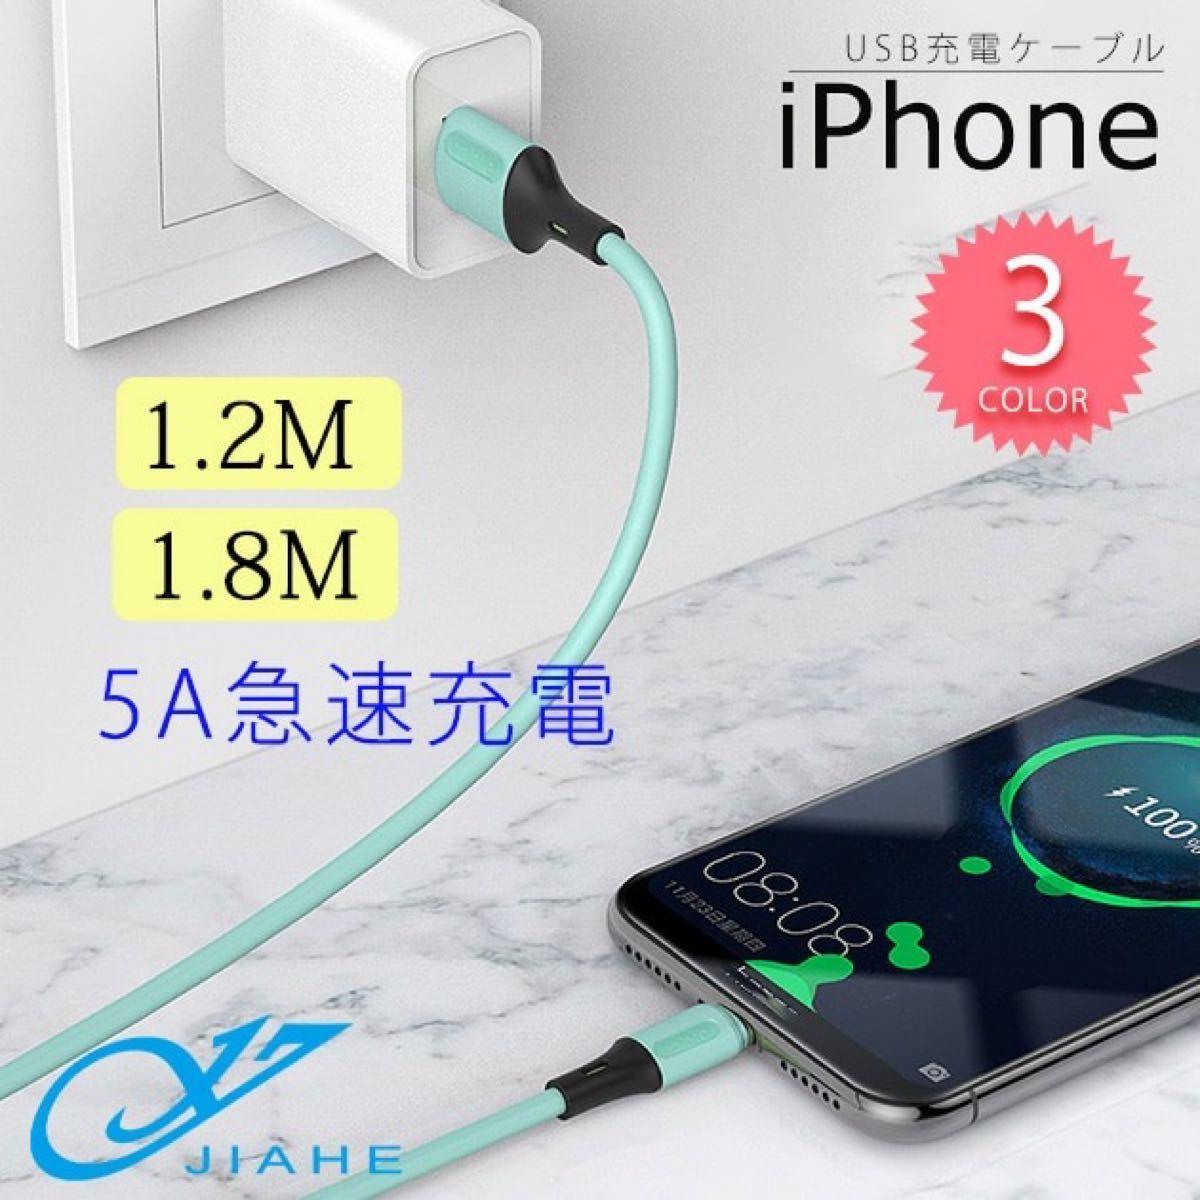 充電 ケーブル 1.8M iPhone ケーブル アイフォンケーブル 5本セット 急速充電 高耐久